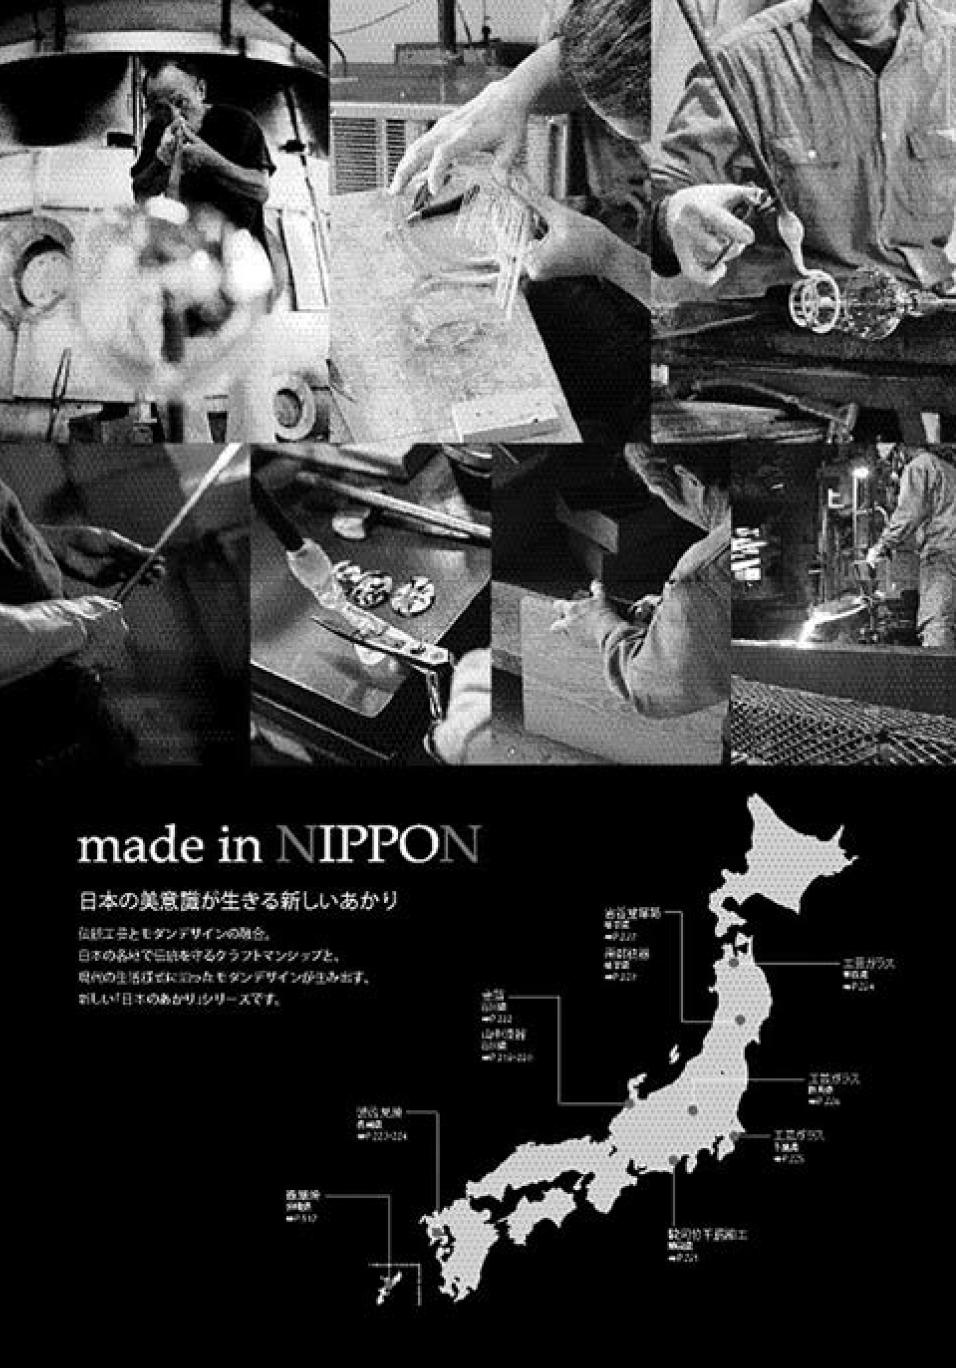 オーデリックの伝統工芸シリーズ made in NIPPON①伝統工芸とモダンデザインとの融合の画像